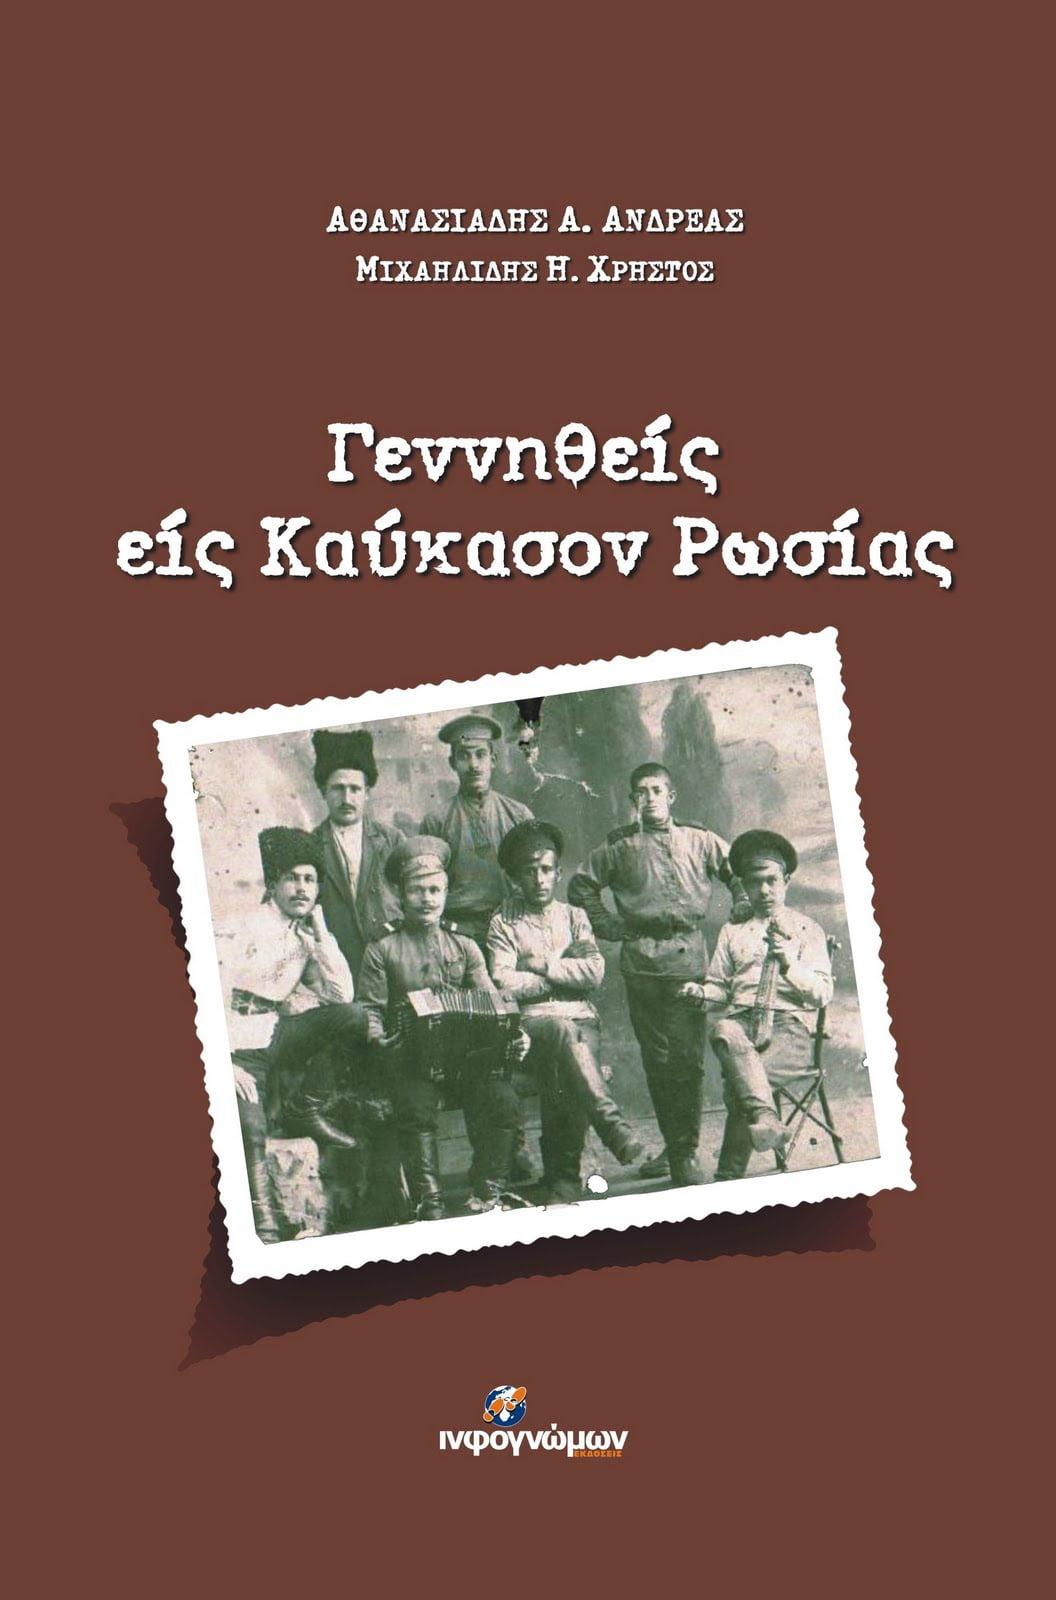 """Κυριακή, 31-10, Παρουσίαση του βιβλίου """"Γεννηθείς εις Καύκασον Ρωσίας"""" στη Φλώρινα"""